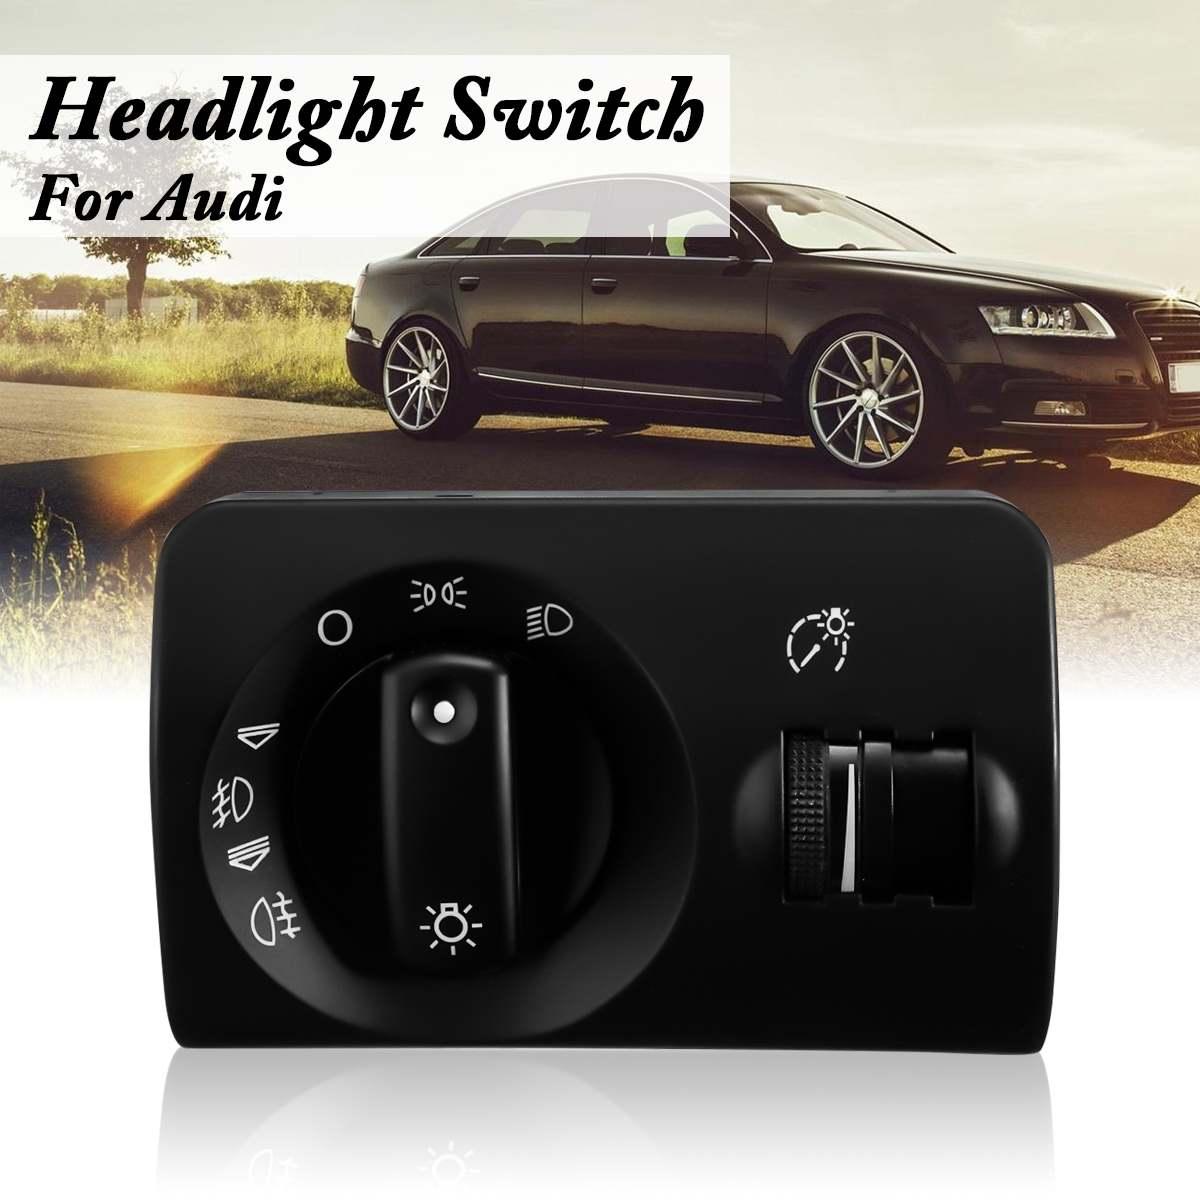 Interrupteur de phare de voiture bouton anti-brouillard contrôle 4B1941531E pour Audi A6 4B C5 AVANT S6 2002-2005